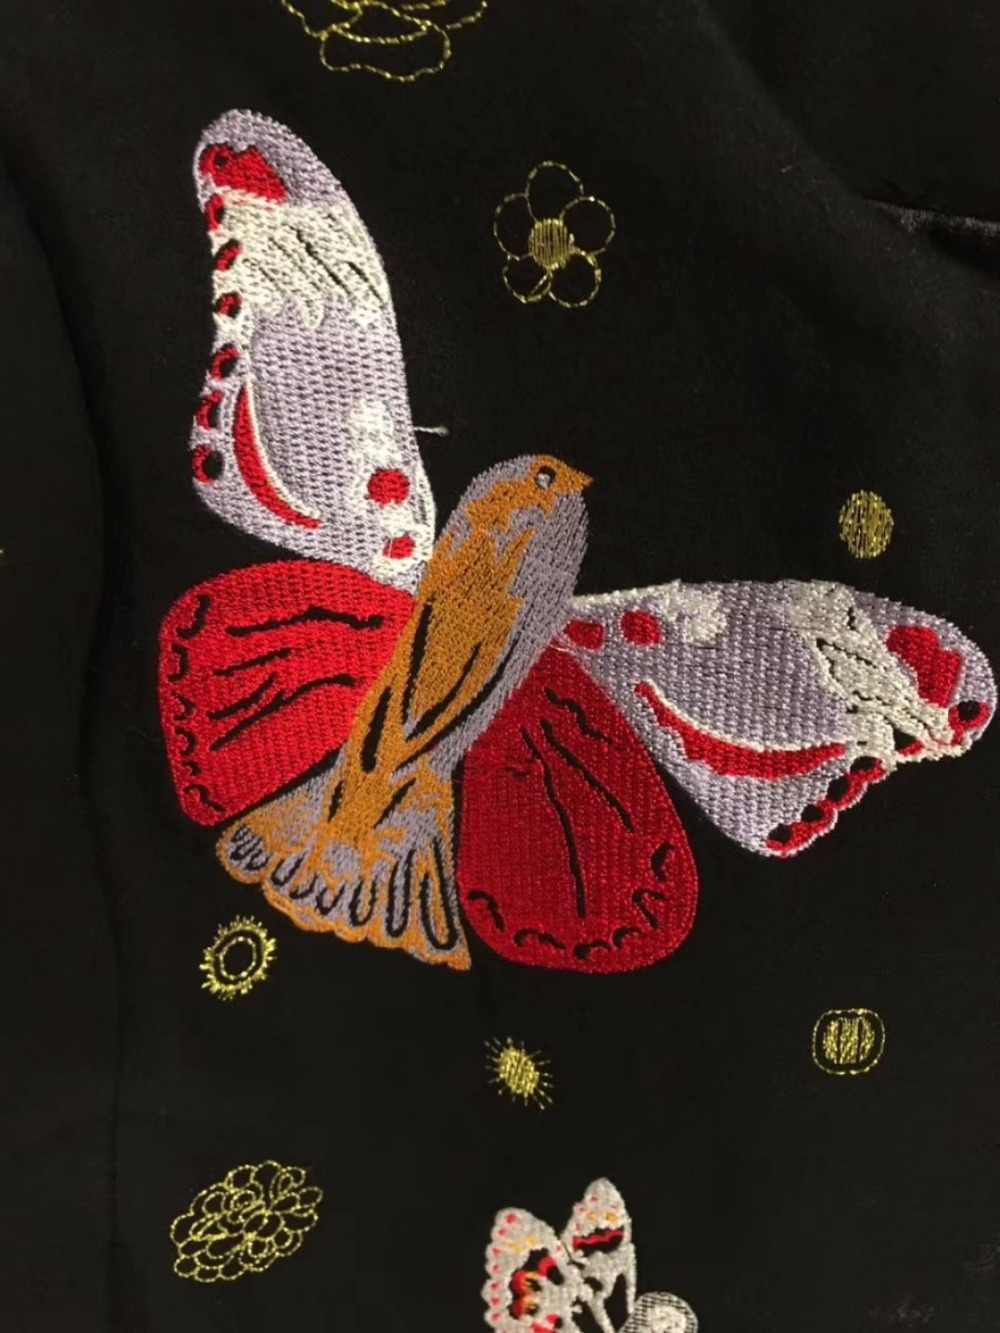 Vetement Femme 2018 เสื้อคลุมแฟชั่นเย็บปักถักร้อยCape Coatอารมณ์ที่สวยงามผู้หญิงเสื้อผ้าElegant woolen casaco feminino